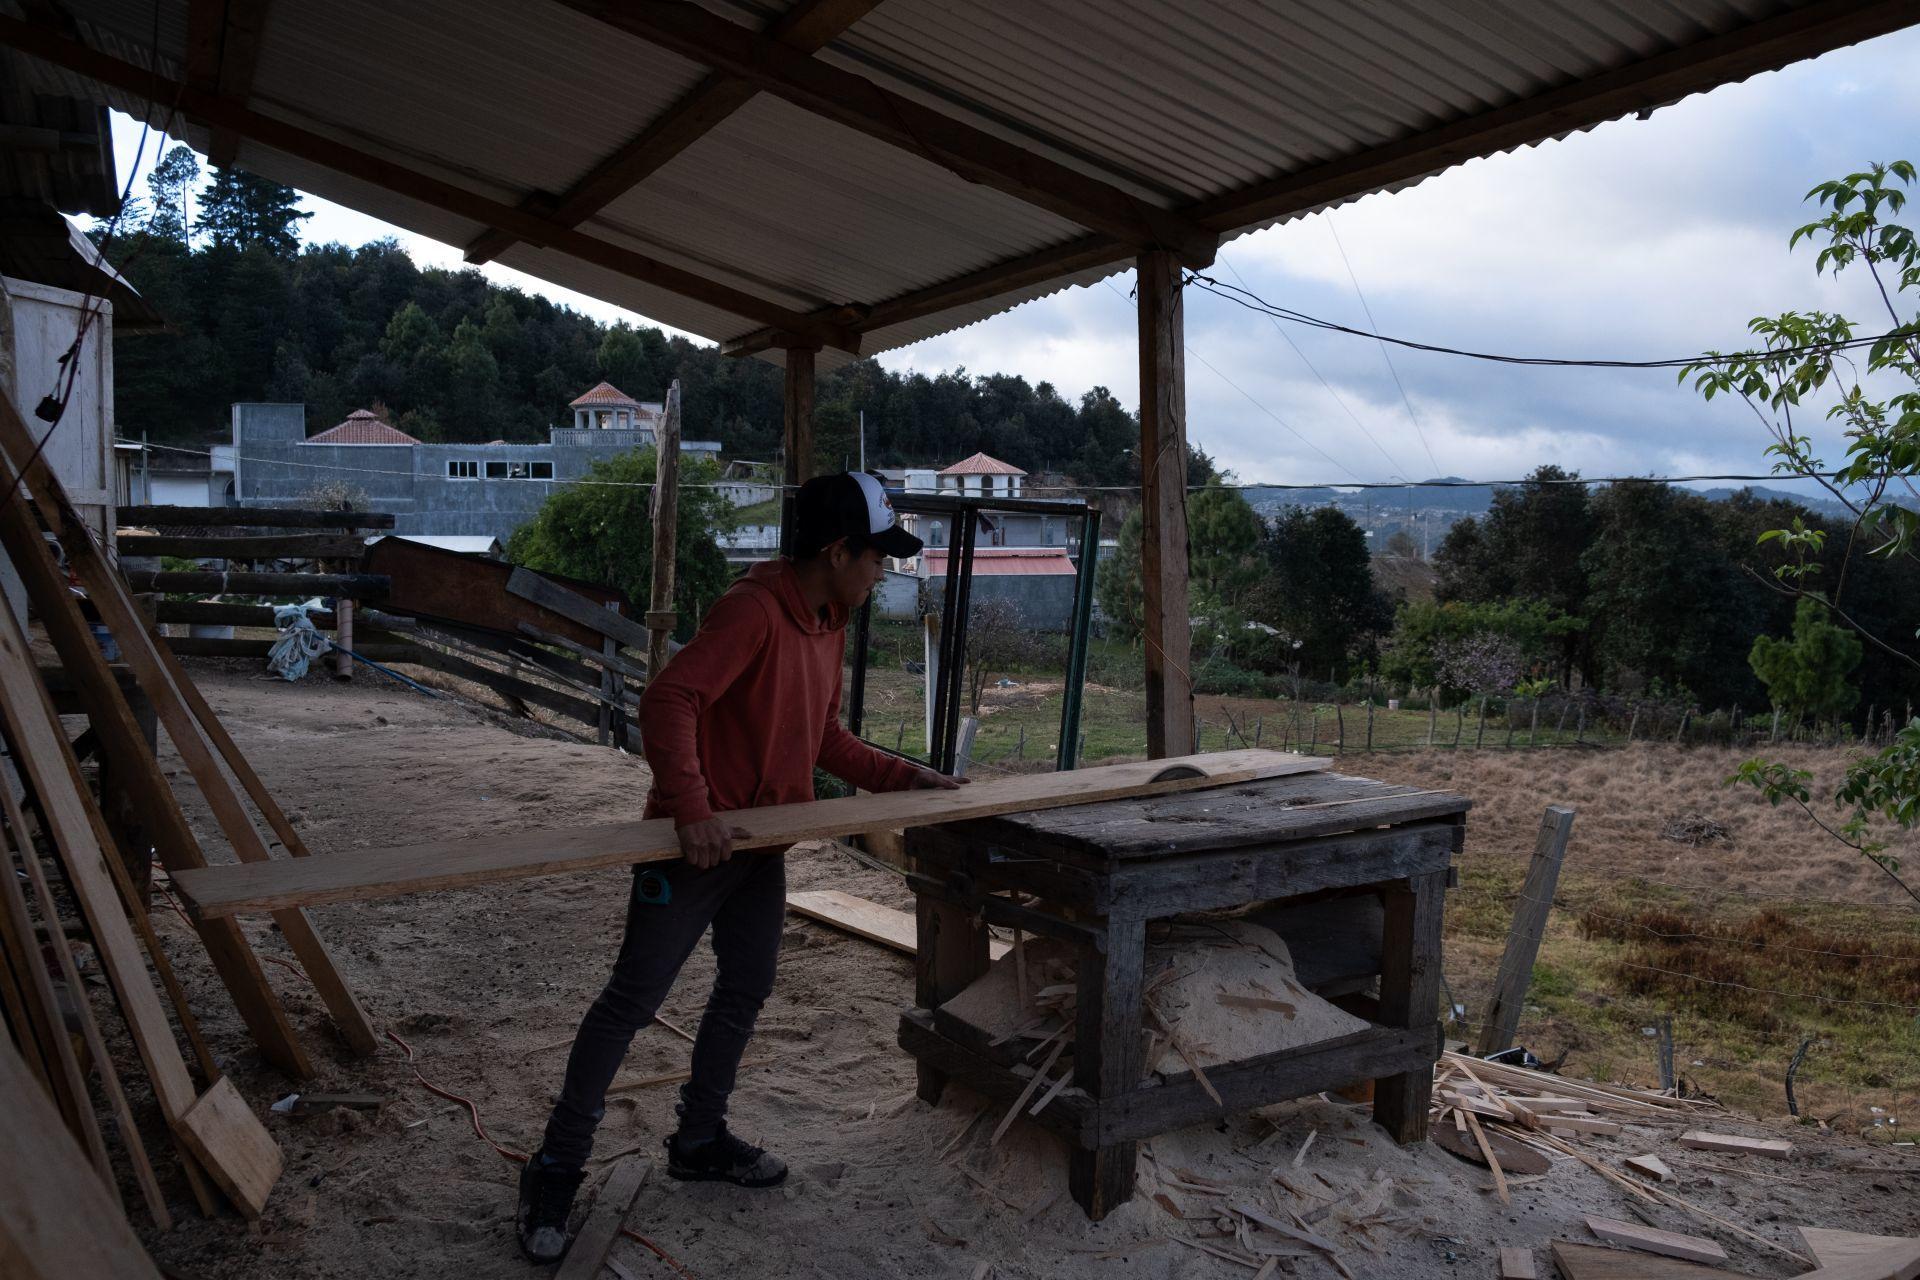 Trabajador de una fabrica en México durante su jornada laboral (Cuartoscuro)